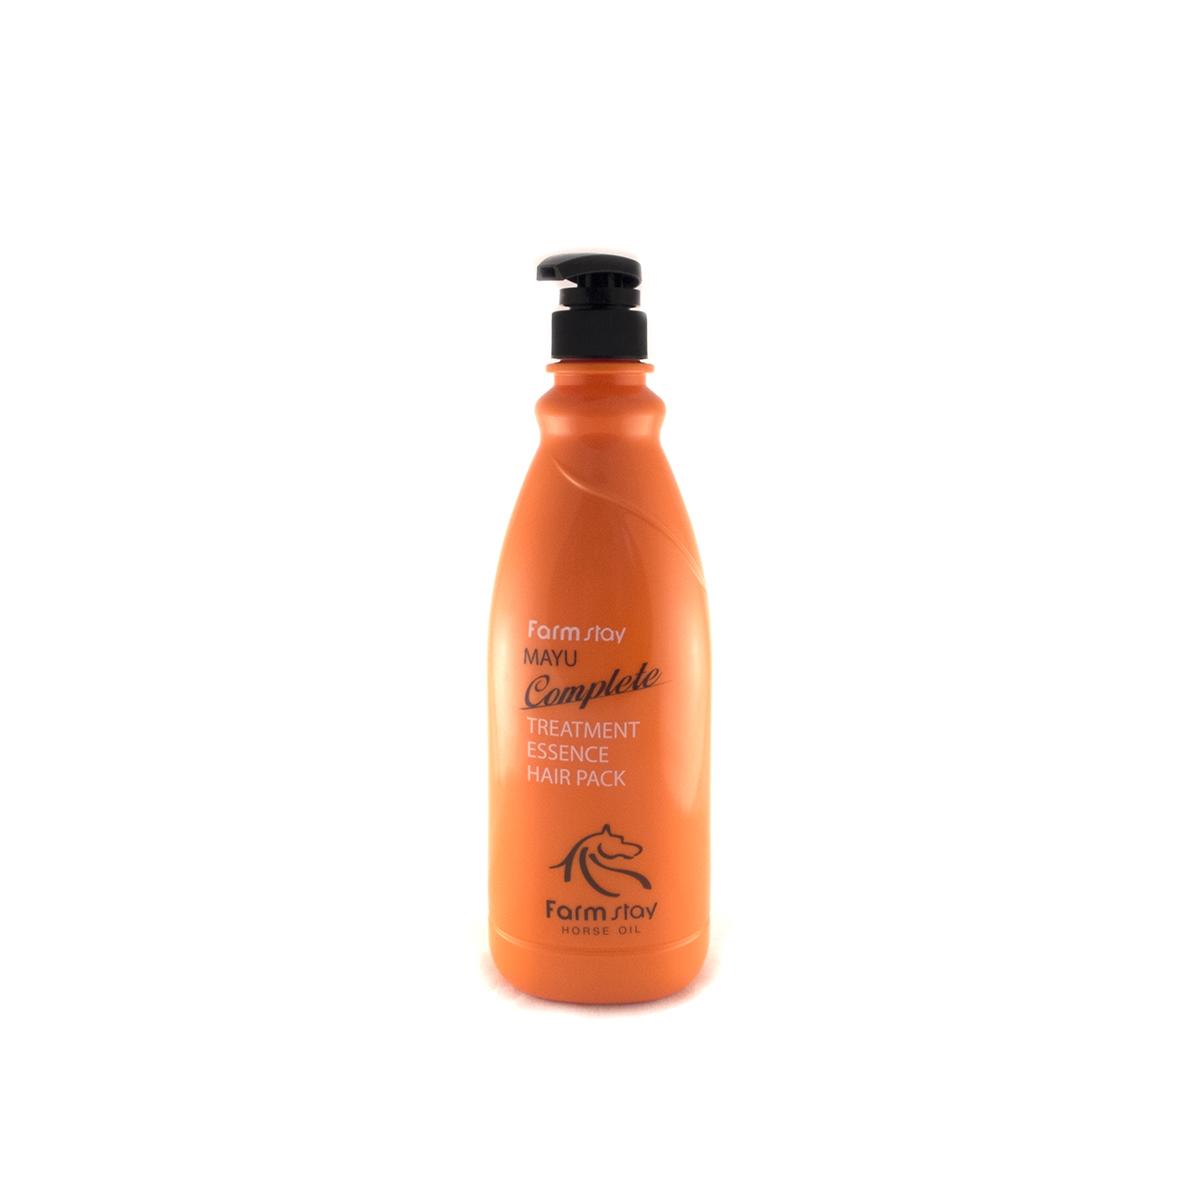 FarmStay Пительная маска для волос с лошадиным маслом, 1000 мл7042191Маска - тритмент для волос с концентрированной ессенцией с лошадиным маслом предназначена специально для улучшения состояний безжизненных, тусклых волос. Маска питает и восстанавливает слабые волосы, делает их сильными, крепкими, гладкими и шелковистыми. Питательные вещества в составе маски смягчают и увлажняют волосы, а особая разглаживающая формула значительно облегчает расчесывание, лечит секущиеся кончики, не позволяет волосам спутываться. Животный жир богат незаменимыми жирными кислотами (например, в нем содержится альфа-липоевая и линолевая кислоты, а также витамин А и Е). Лошадиное масло особенно ценится тем, что он лучше других жиров усваивается волосами, так как имеет состав, схожий с человеческой жировой секрецией. Именно поэтому данное вещество не отторгается организмом. Уже после первого применения вы заметите, что волосы заблестели, стали более здоровыми, упругими и живыми.